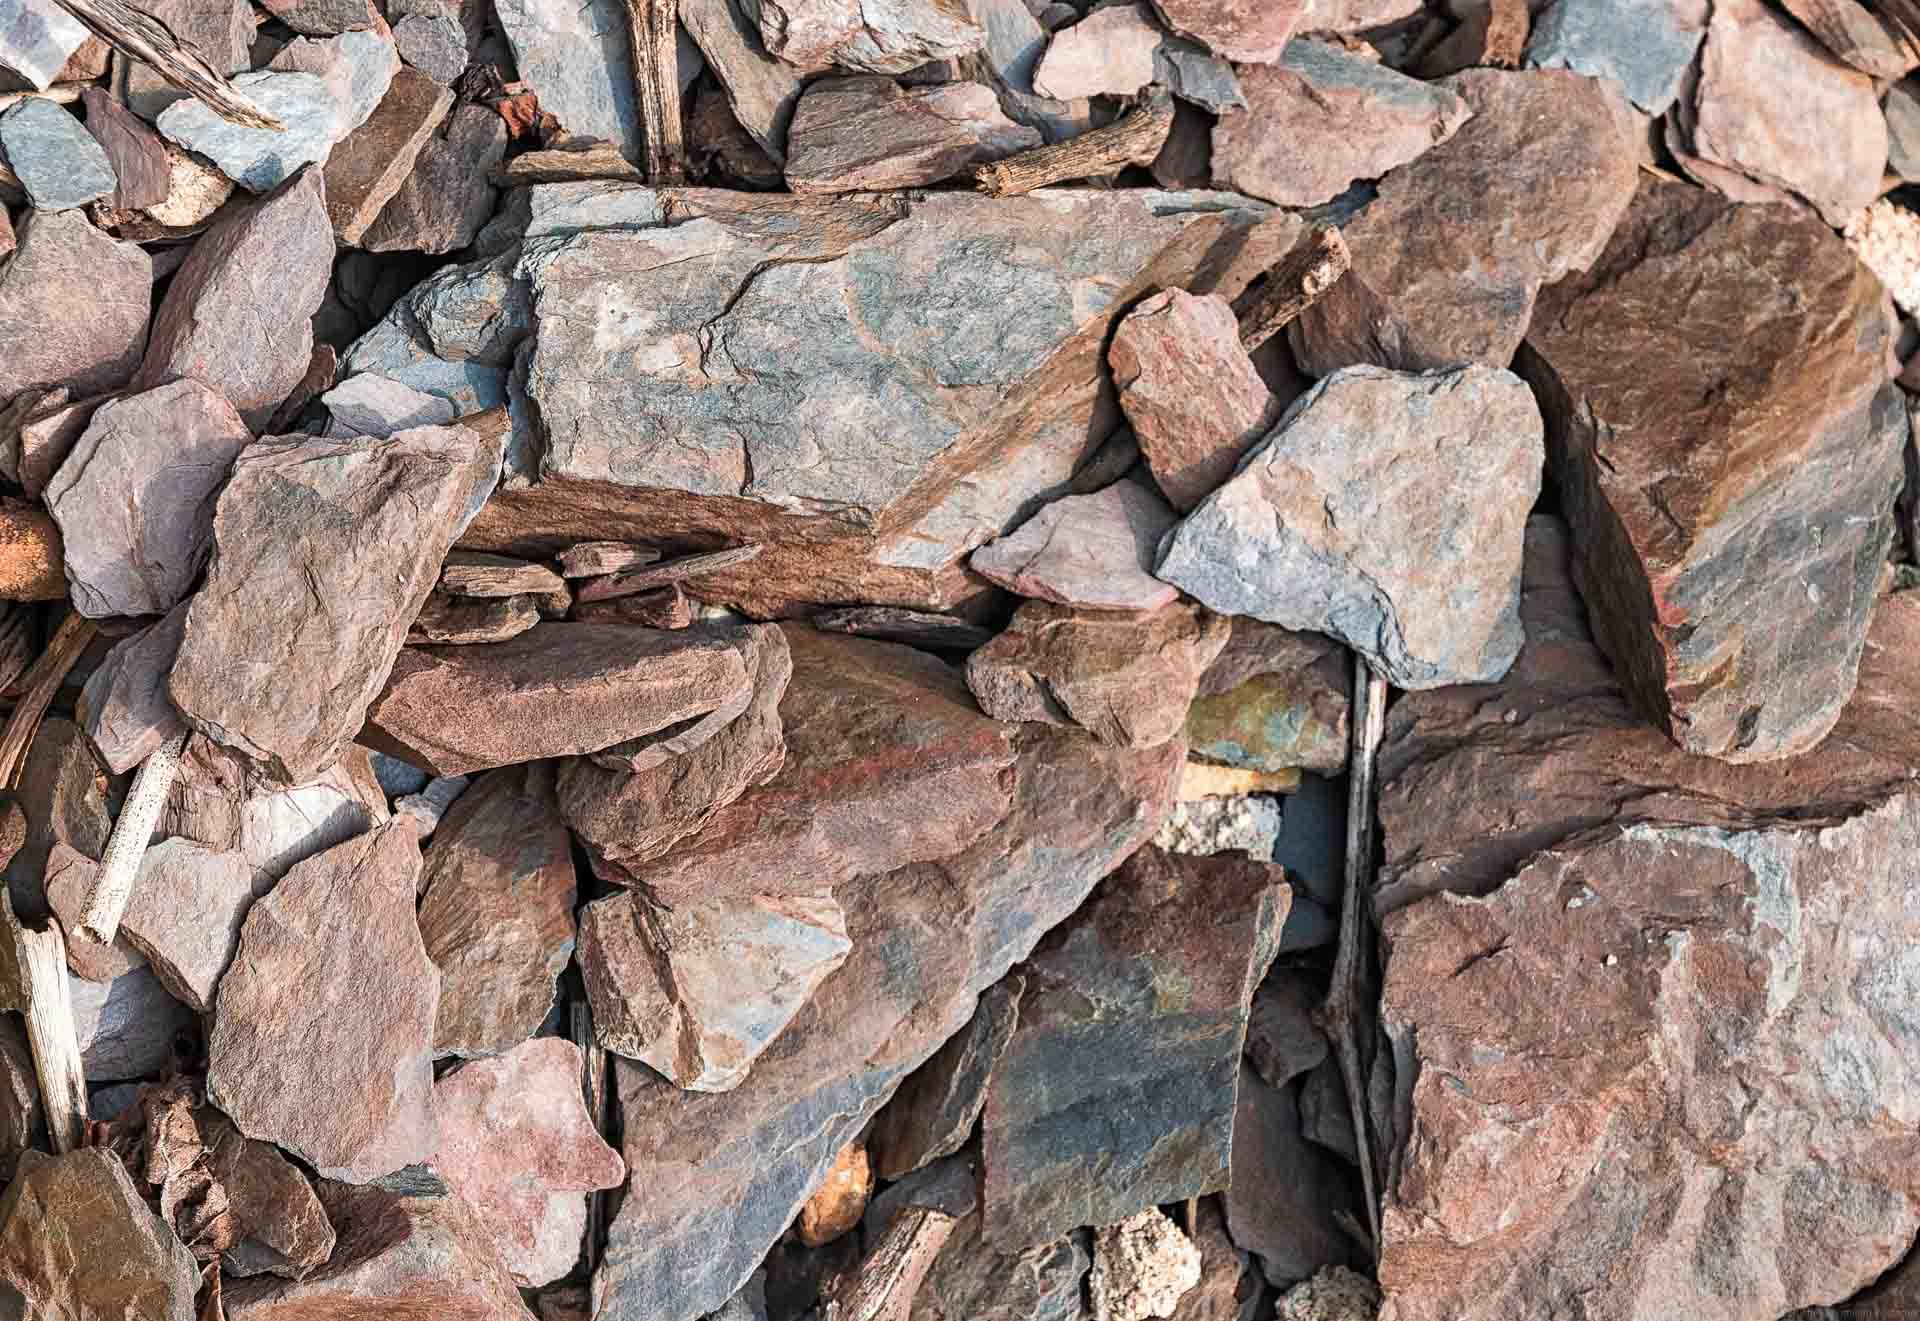 Von den roten Gesteinen der Weinberge rund um Ayl kommen weltweit bekannte typische Saarweine